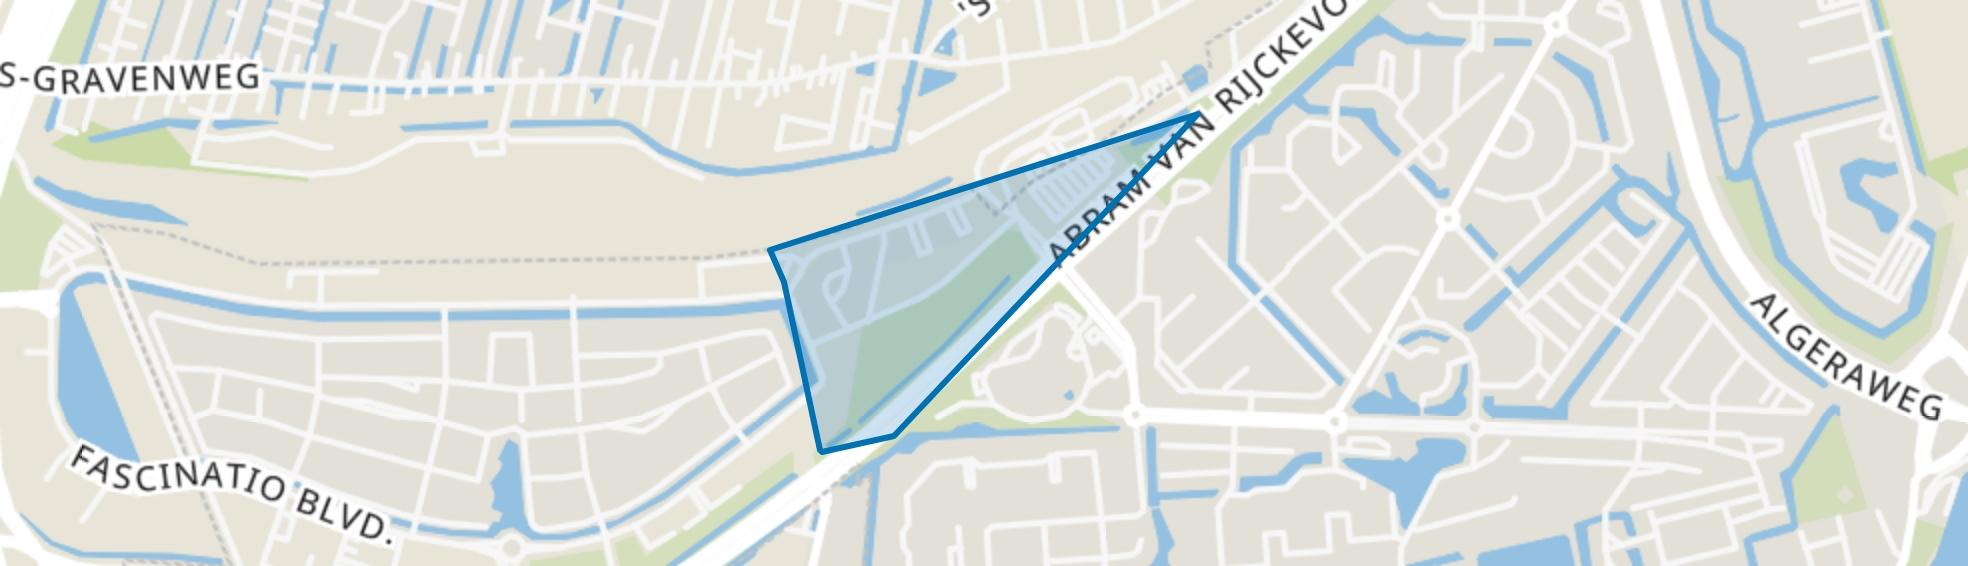 Capelsebrug, Capelle aan den IJssel map